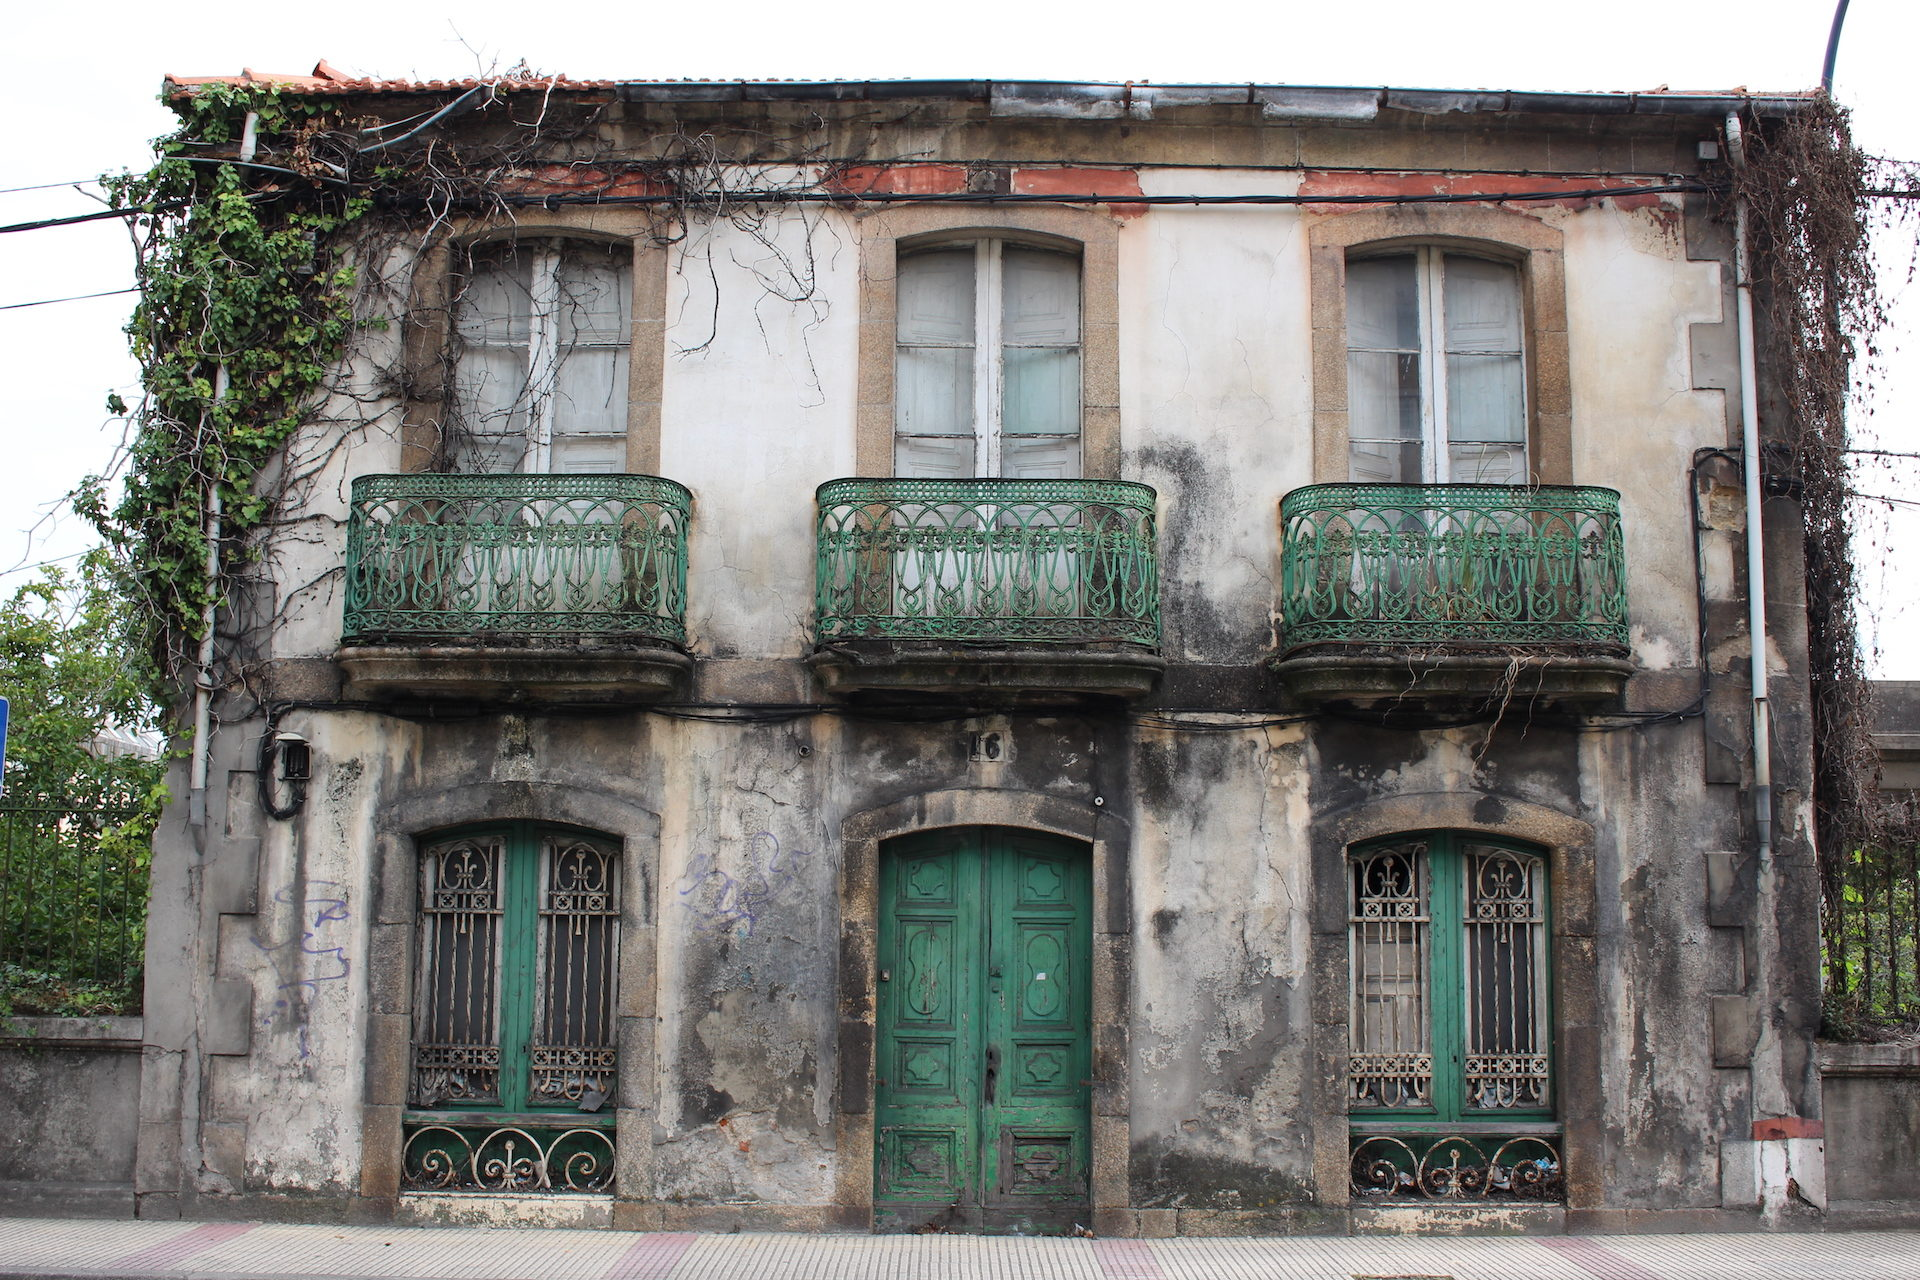 Casa, vieja, abbandonato,vecchioa, rovine - Sfondi HD - Professor-falken.com